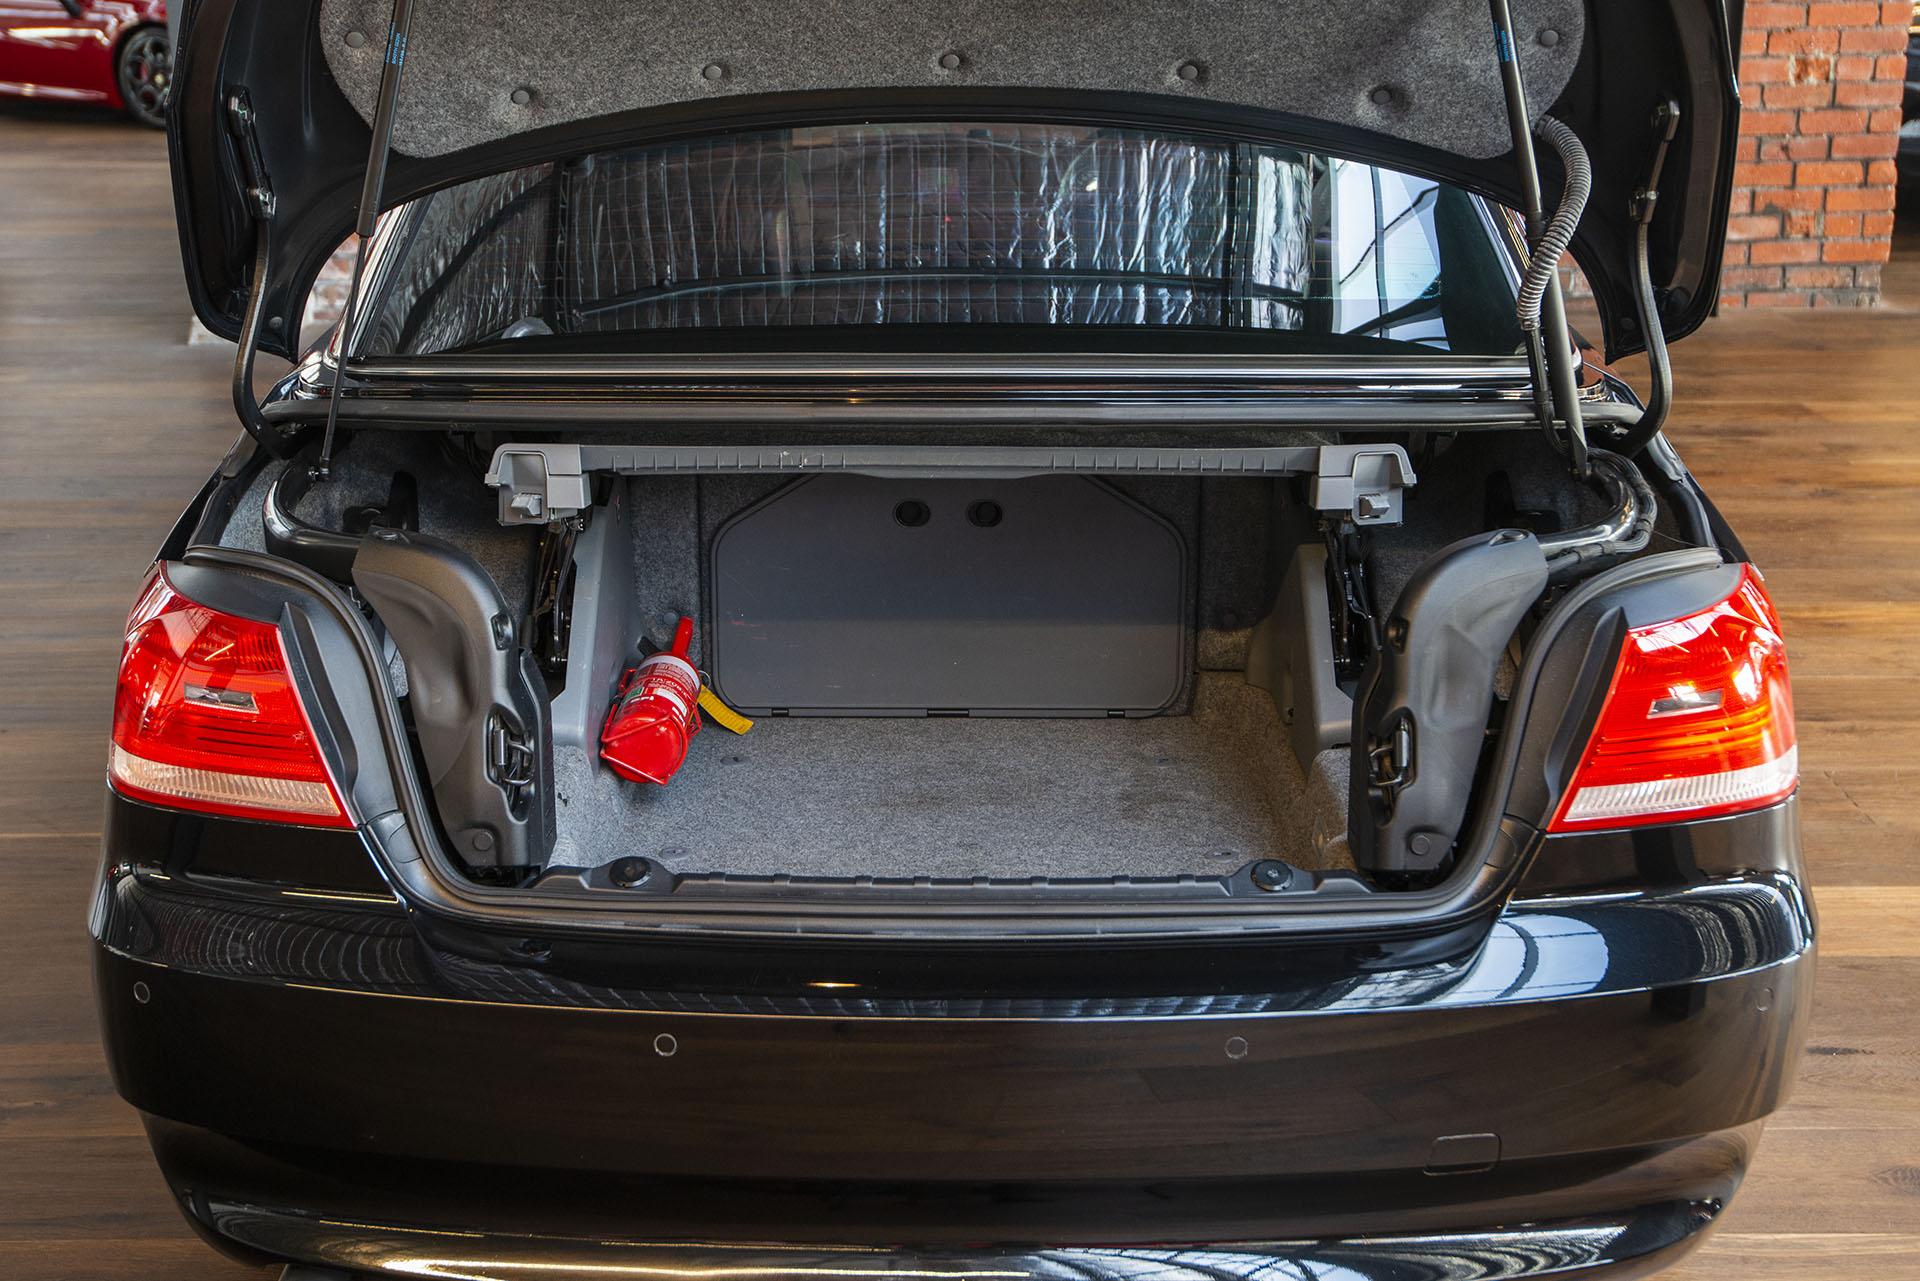 2008 BMW E93 325i Convertible - Richmonds - Classic and Prestige